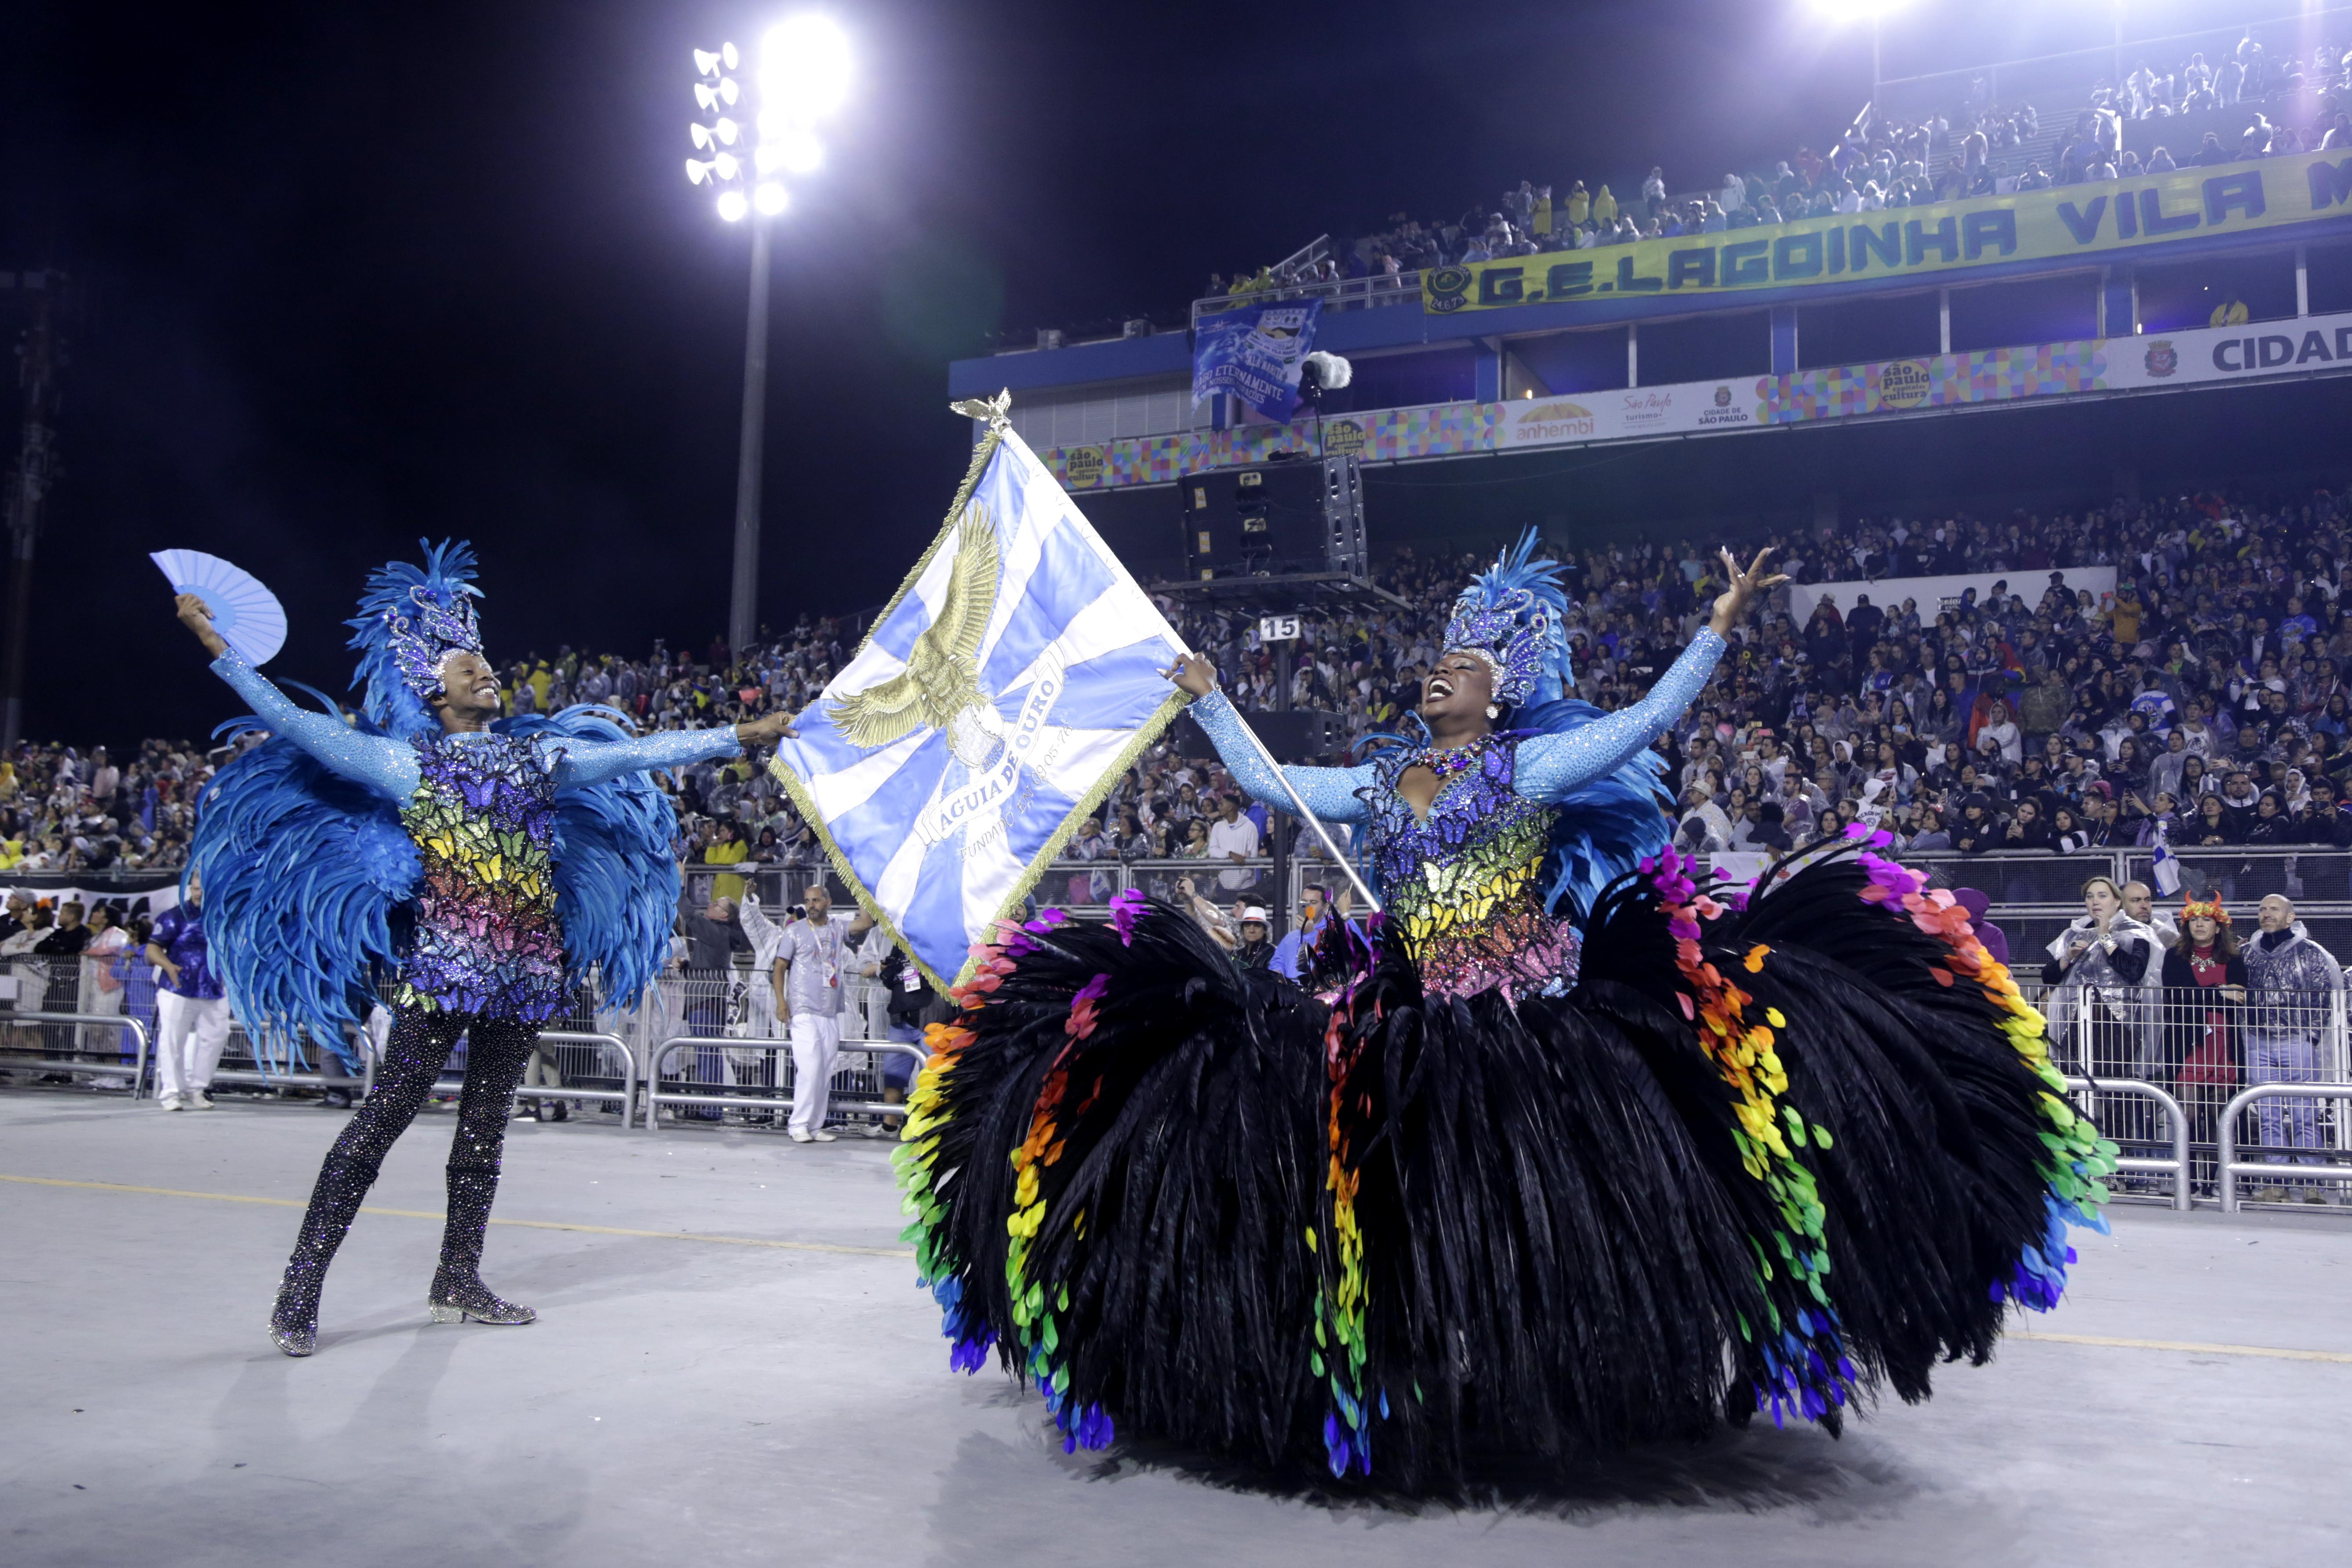 Carnaval2020 - São Paulo (SP) - 22.02.2020 - Carnaval 2020. Desfile das escolas de samba doGrupo Especial no Sambódromo do Anhembi. Na foto, desfile da escola Águia de Ouro. Foto: Jose Cordeiro/SPTuris